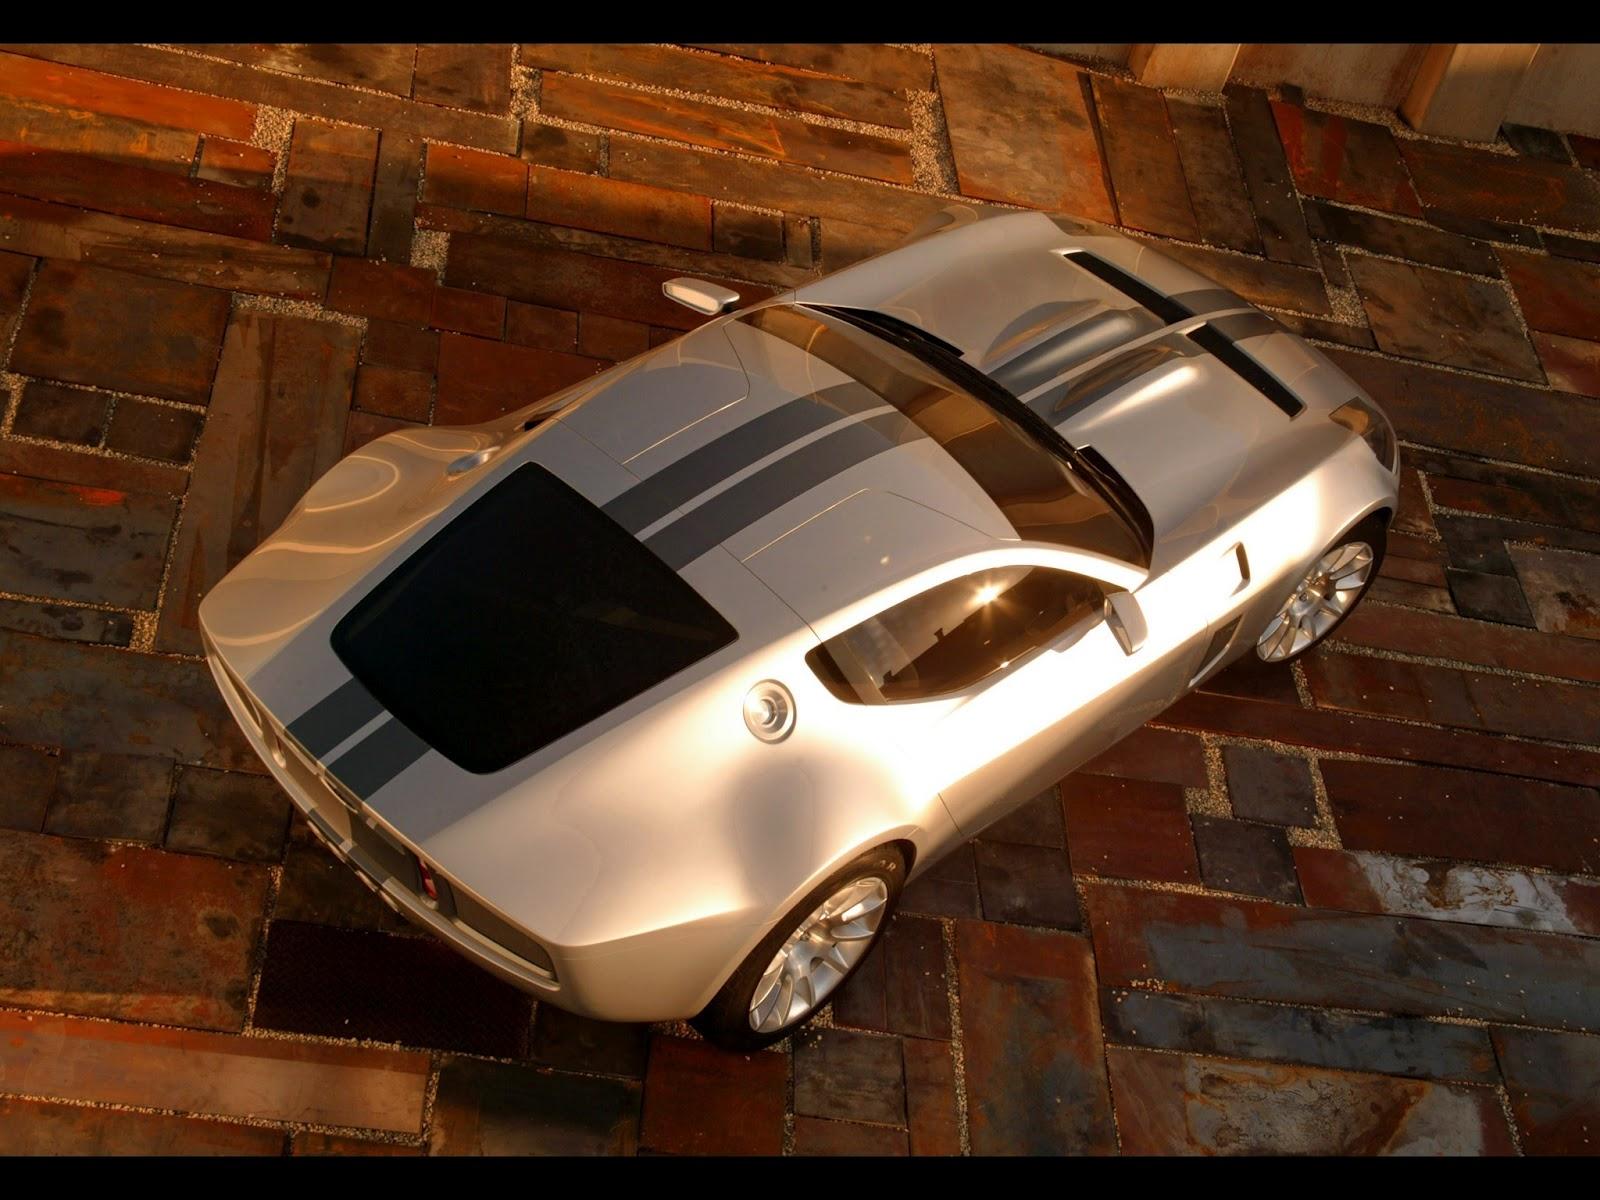 Super+Cars+%2826%29 41 Gerçek HD Masaüstü Süper Araba Resimleri